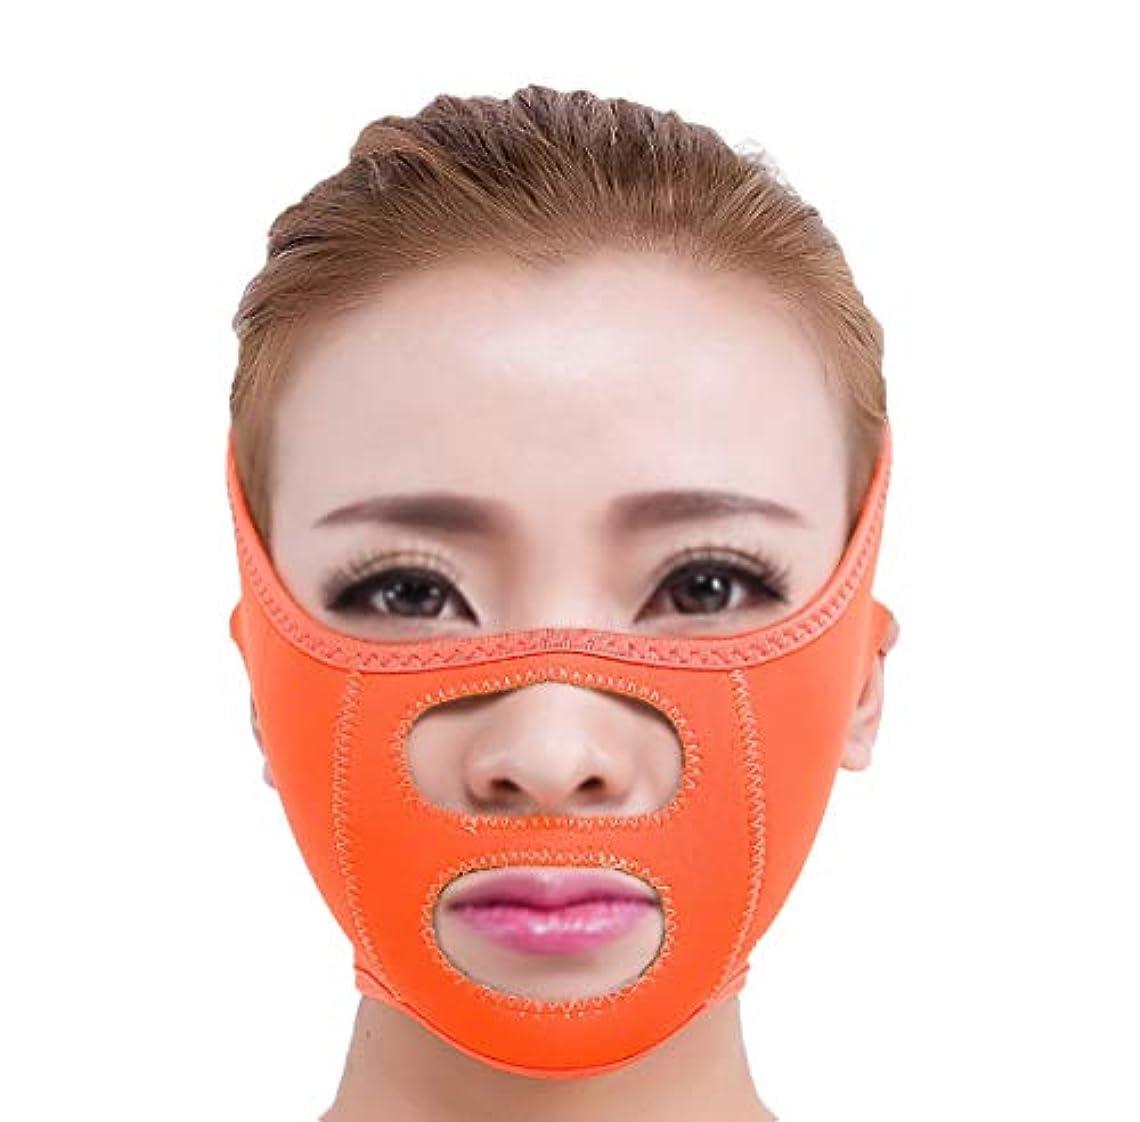 東部乗ってマークされたGLJJQMY スリムベルトマスク薄い顔マスク睡眠薄い顔マスク薄い顔包帯薄い顔アーティファクト薄い顔薄い顔薄い顔小さいV顔睡眠薄い顔ベルト 顔用整形マスク (Color : Blue)